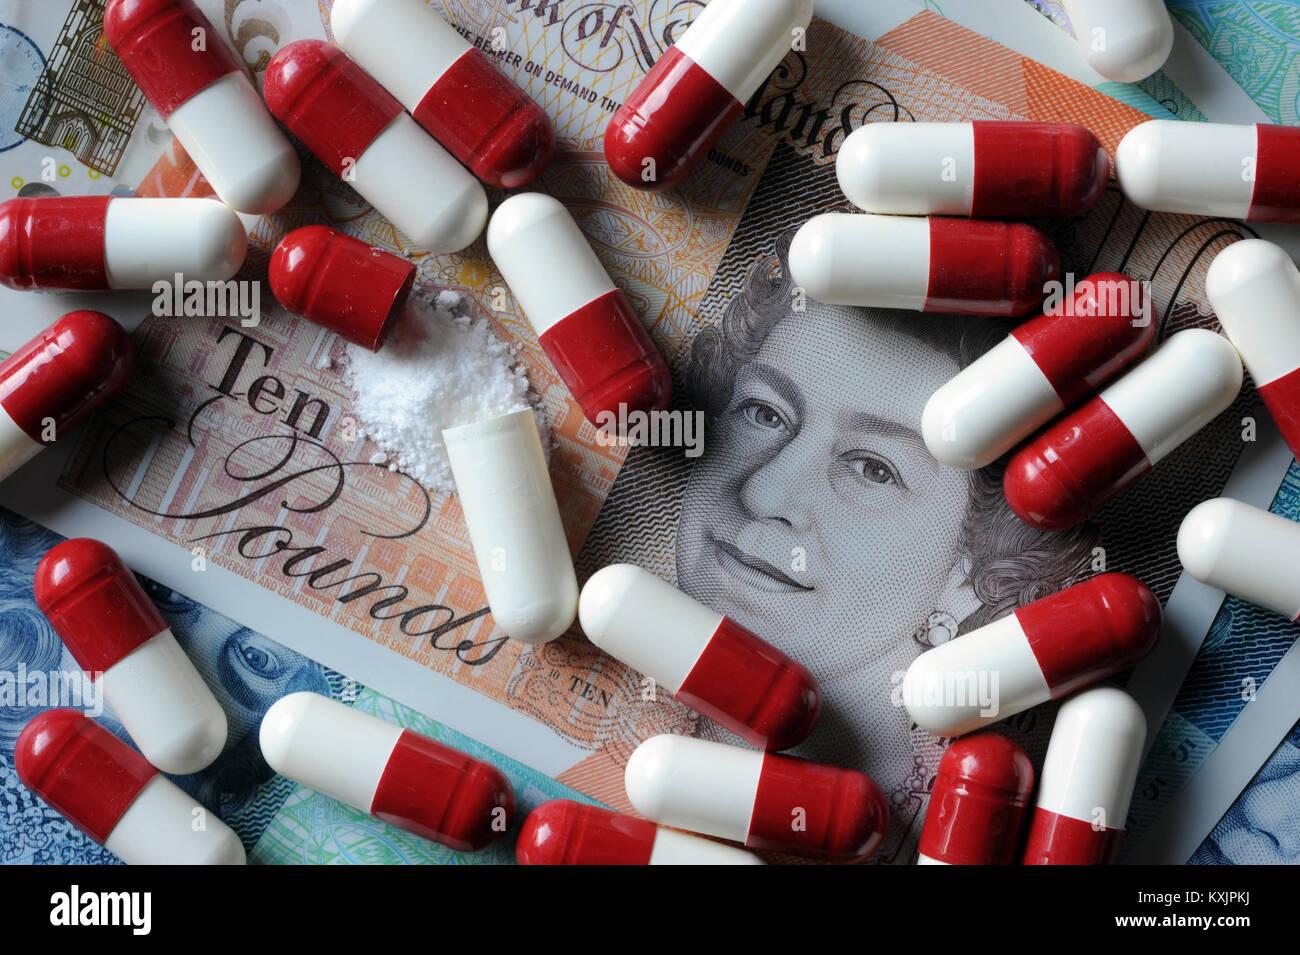 Nouvelle Devise BRITANNIQUE AVEC DES MÉDICAMENTS CAPSULES RE COÛT DES SOINS MÉDECINE PRESCRIPTIONS Photo Stock